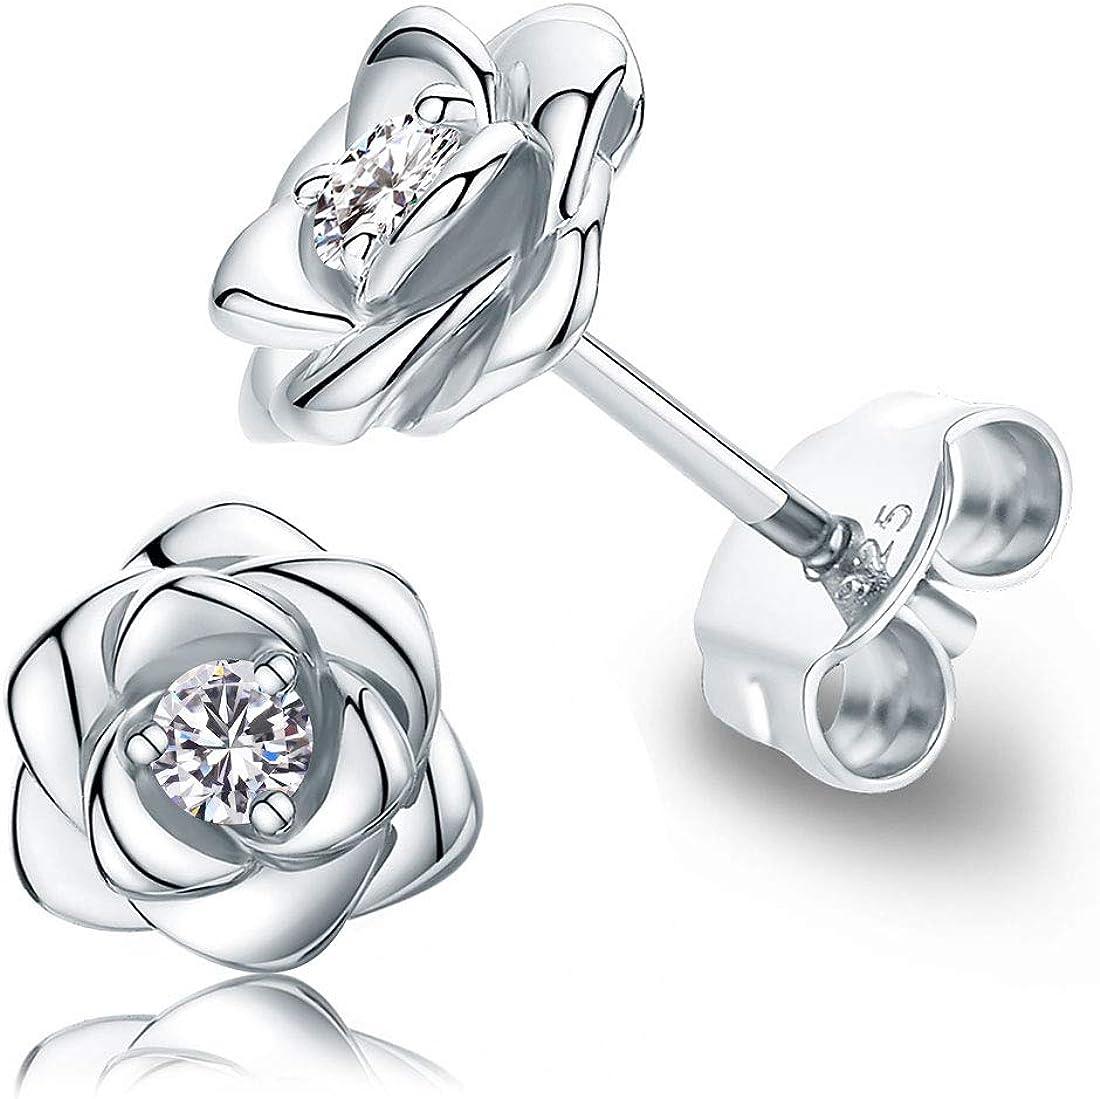 Flower Earrings 925 Sterling Silver Earrings Handmade Rose Earrings Floral Jewelry Rose Flower Earrings for Women Jewelry Gift